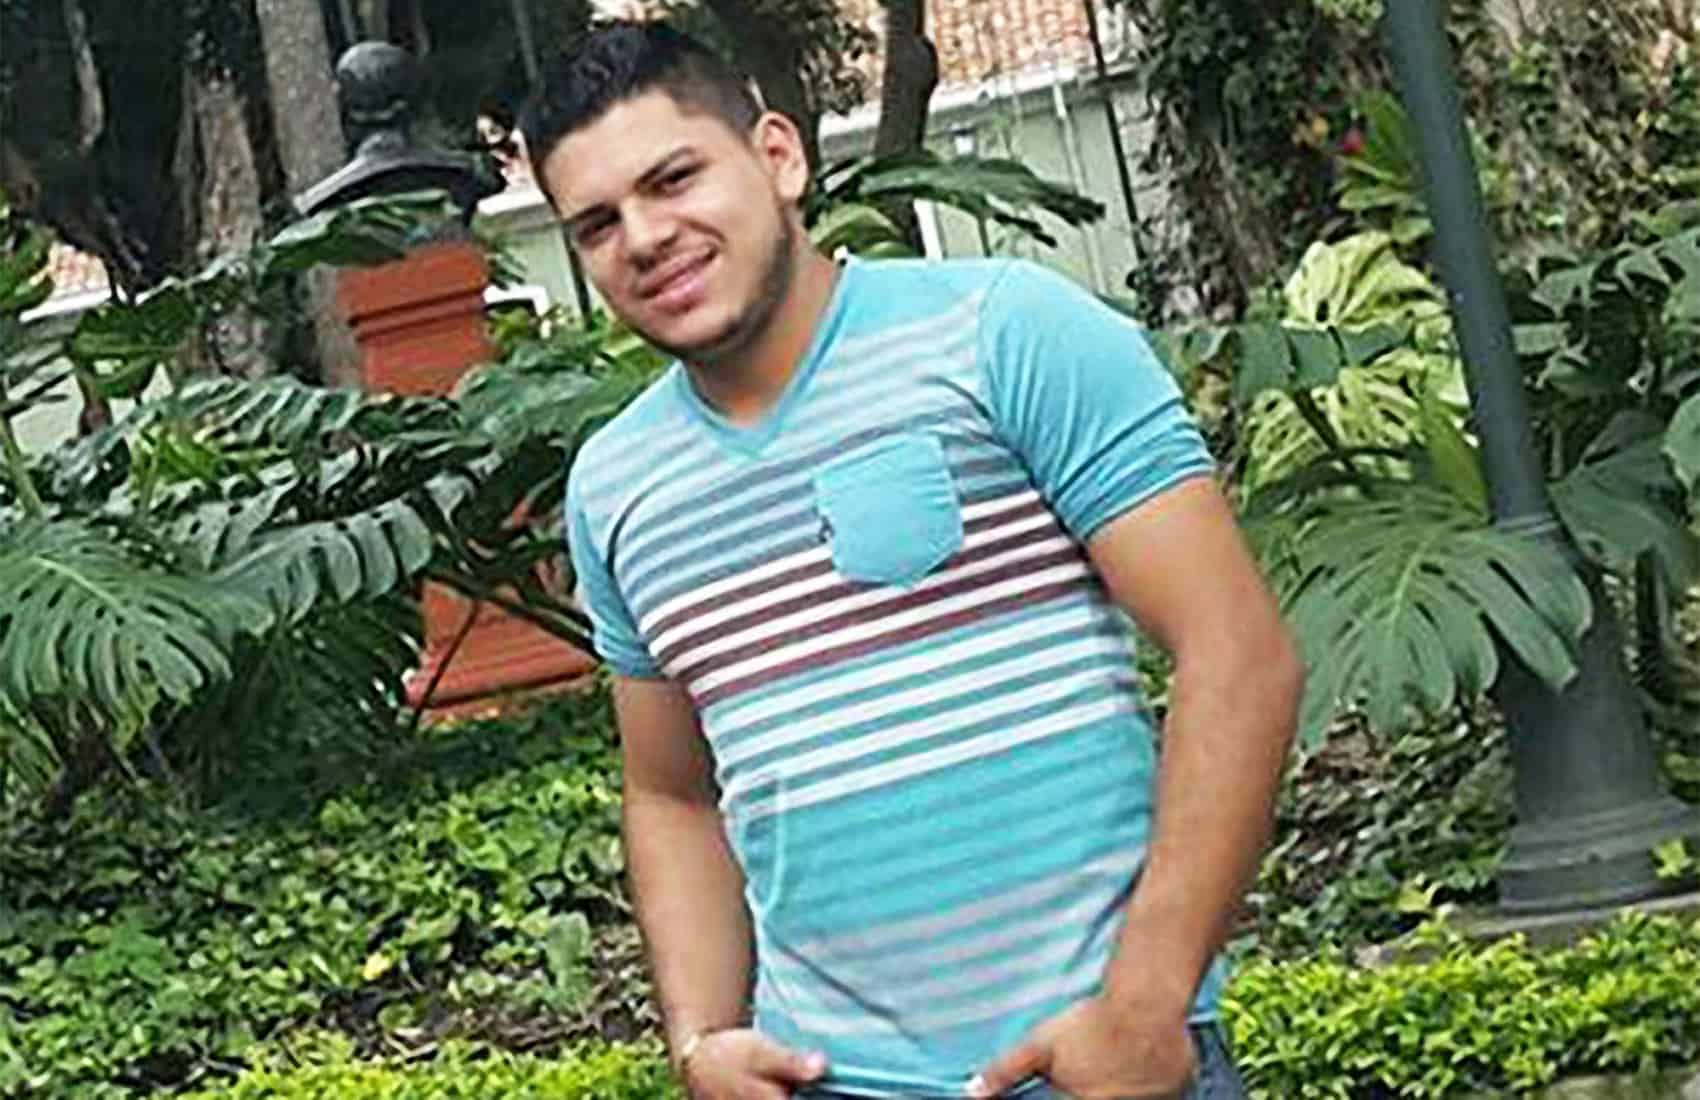 Gerardo Cruz. Oct. 19, 2016